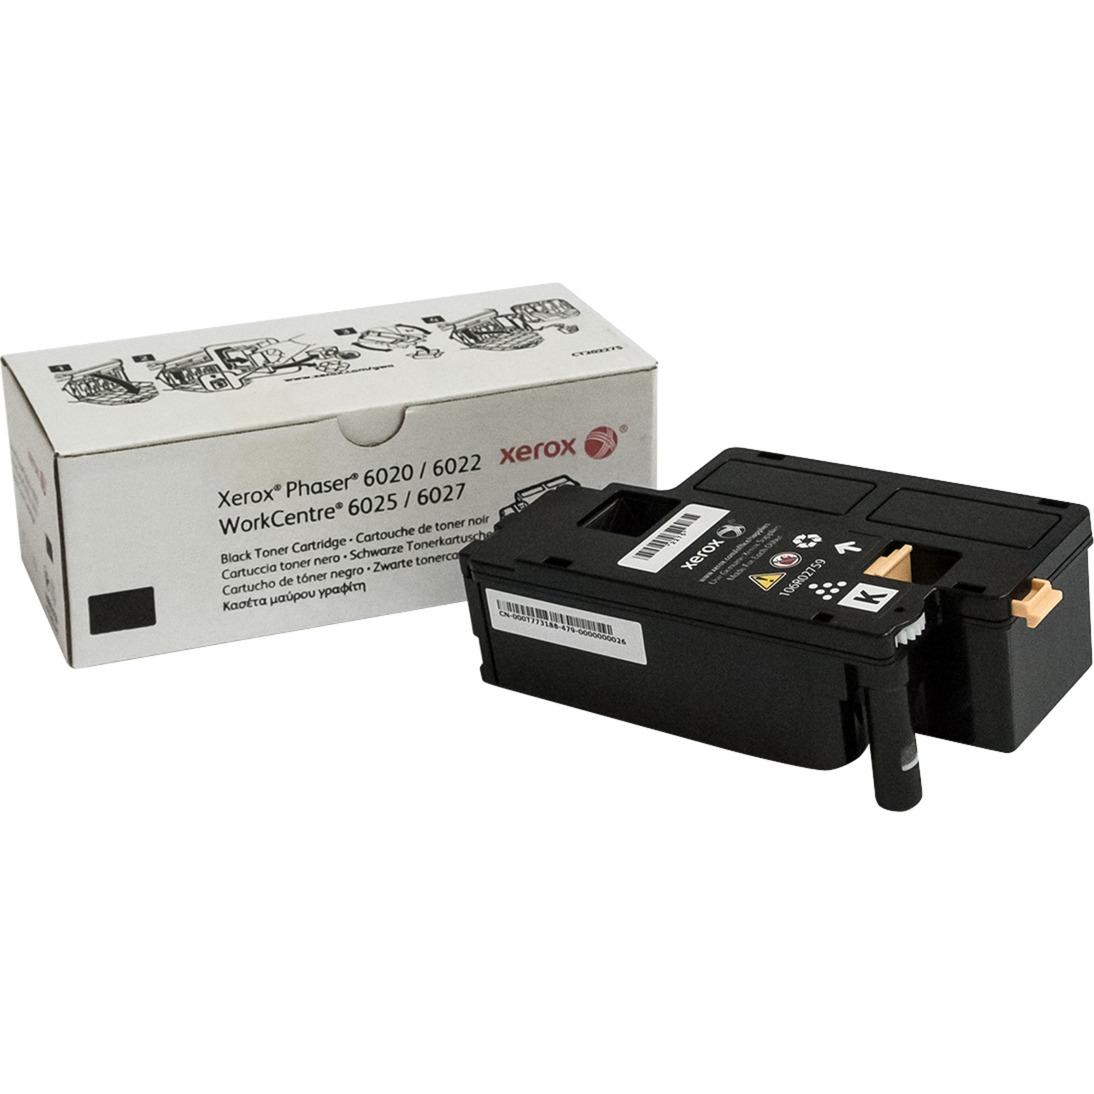 Cartouche de toner noir de capacité standard Phaser 6020/6022 WorkCentre 6025/6027 (2000 pages)